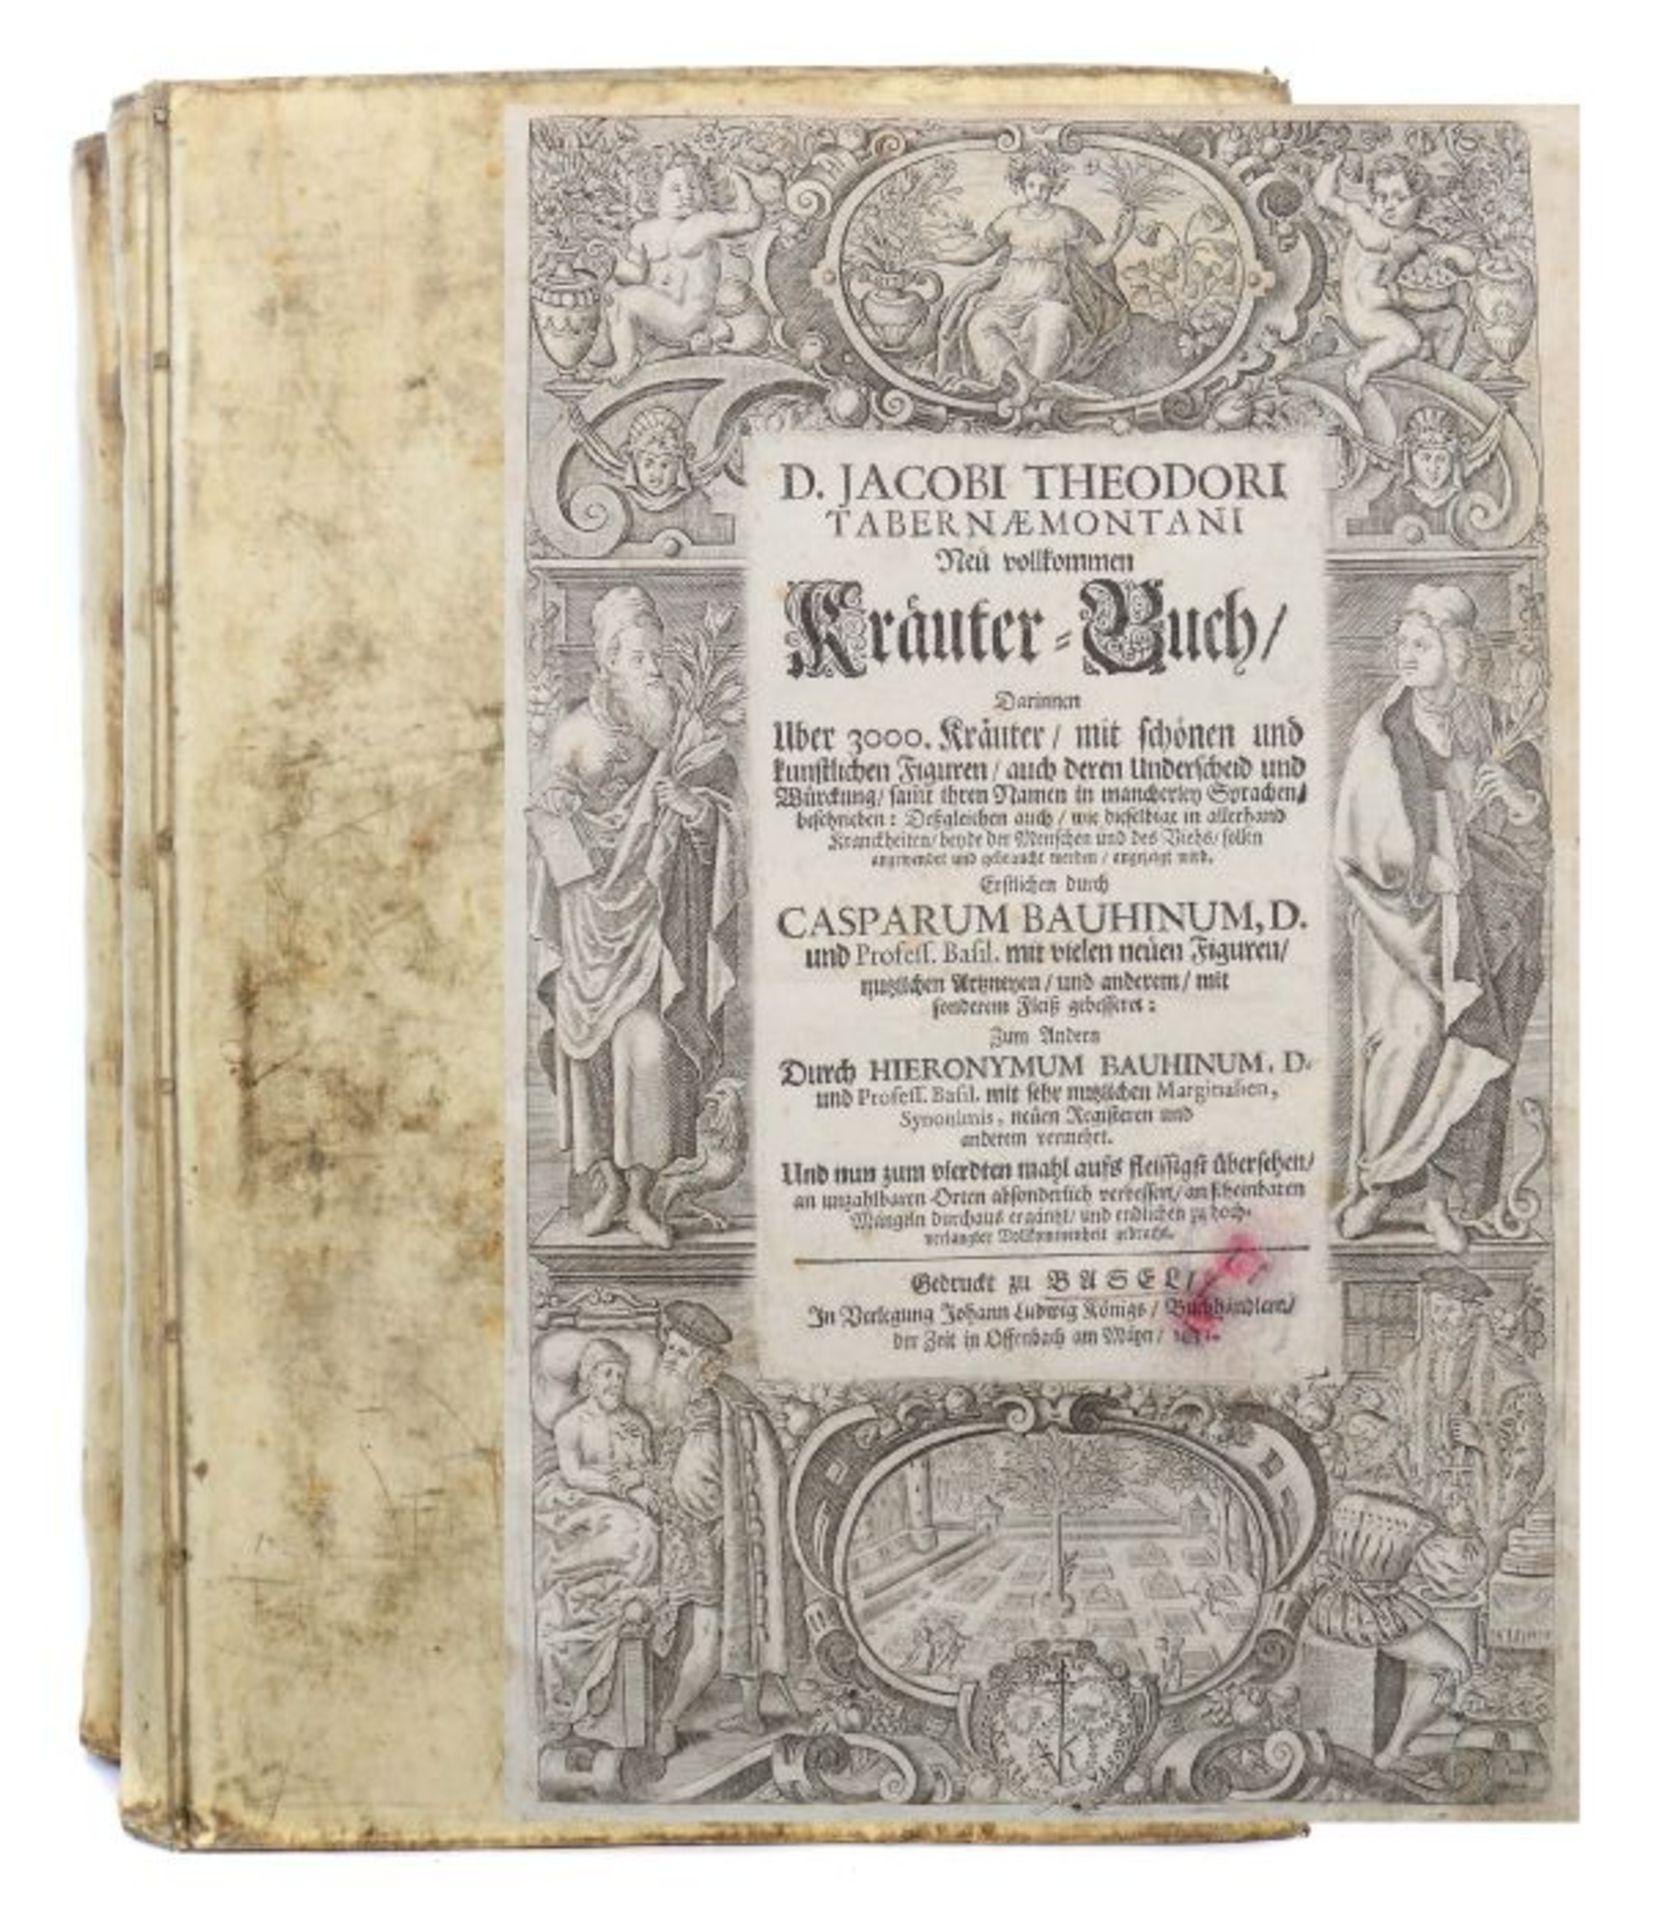 Tabernaemontanus, Jacob Theodor (Jacobus Theodorus) Neu vollkommen Kräuter-Buch, mit schönen und